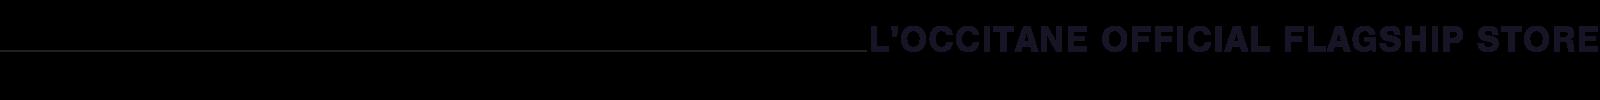 L'OCCITANE Brand Description